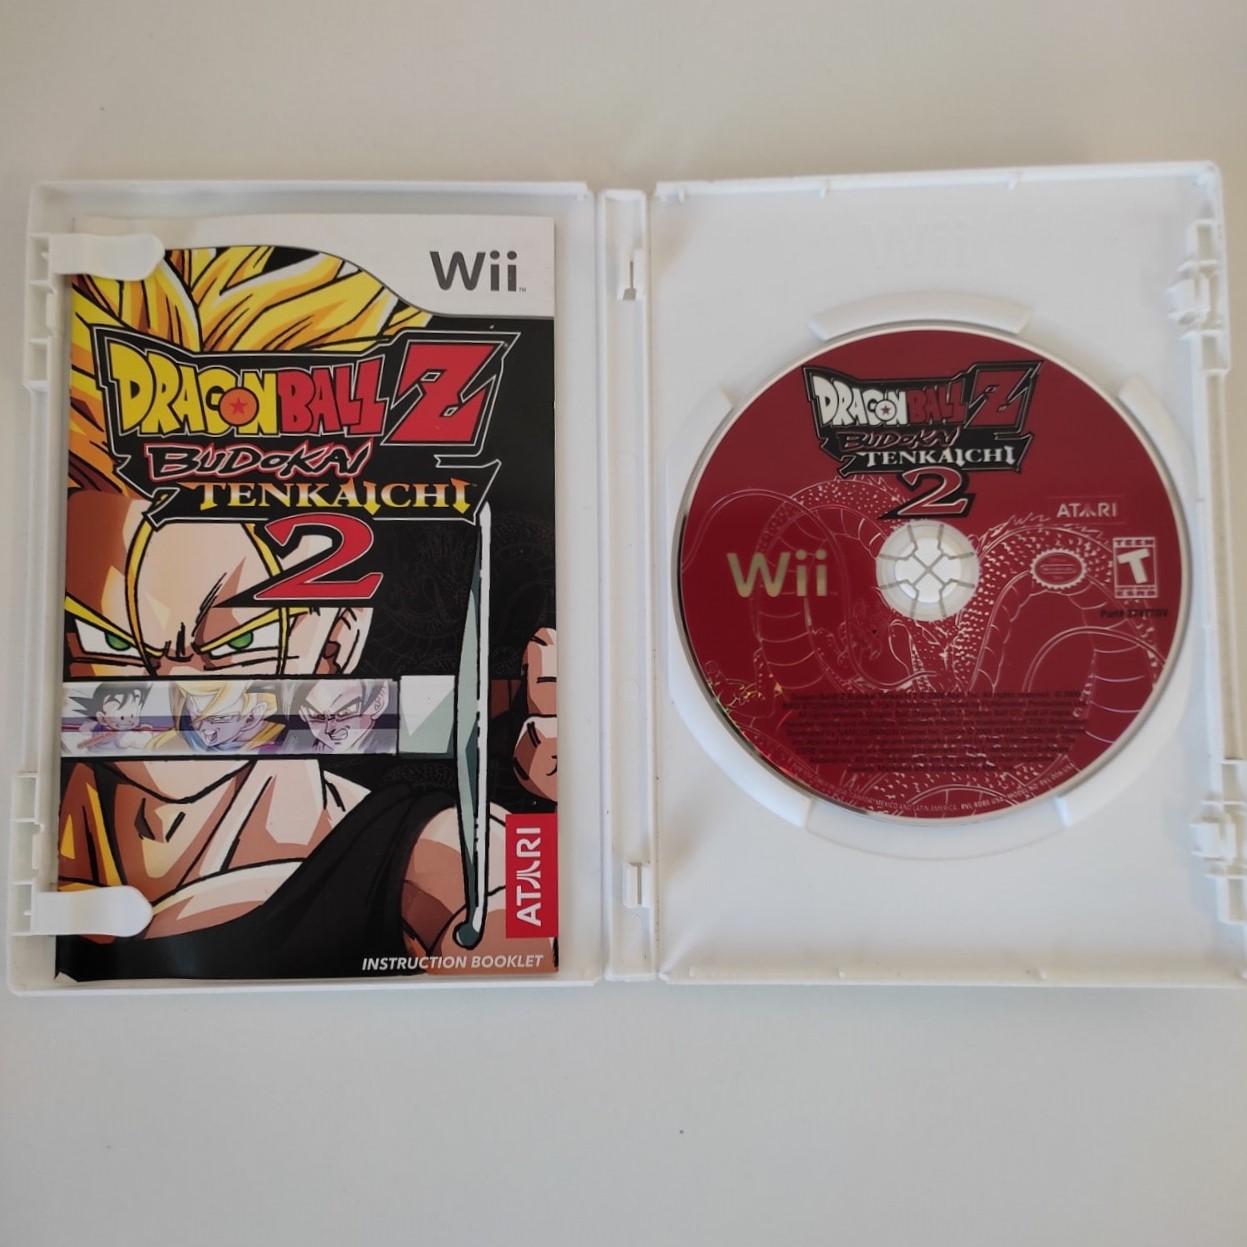 Dragon Ball Z Budokai Tenkaichi 2 - Nintendo Wii - Usado